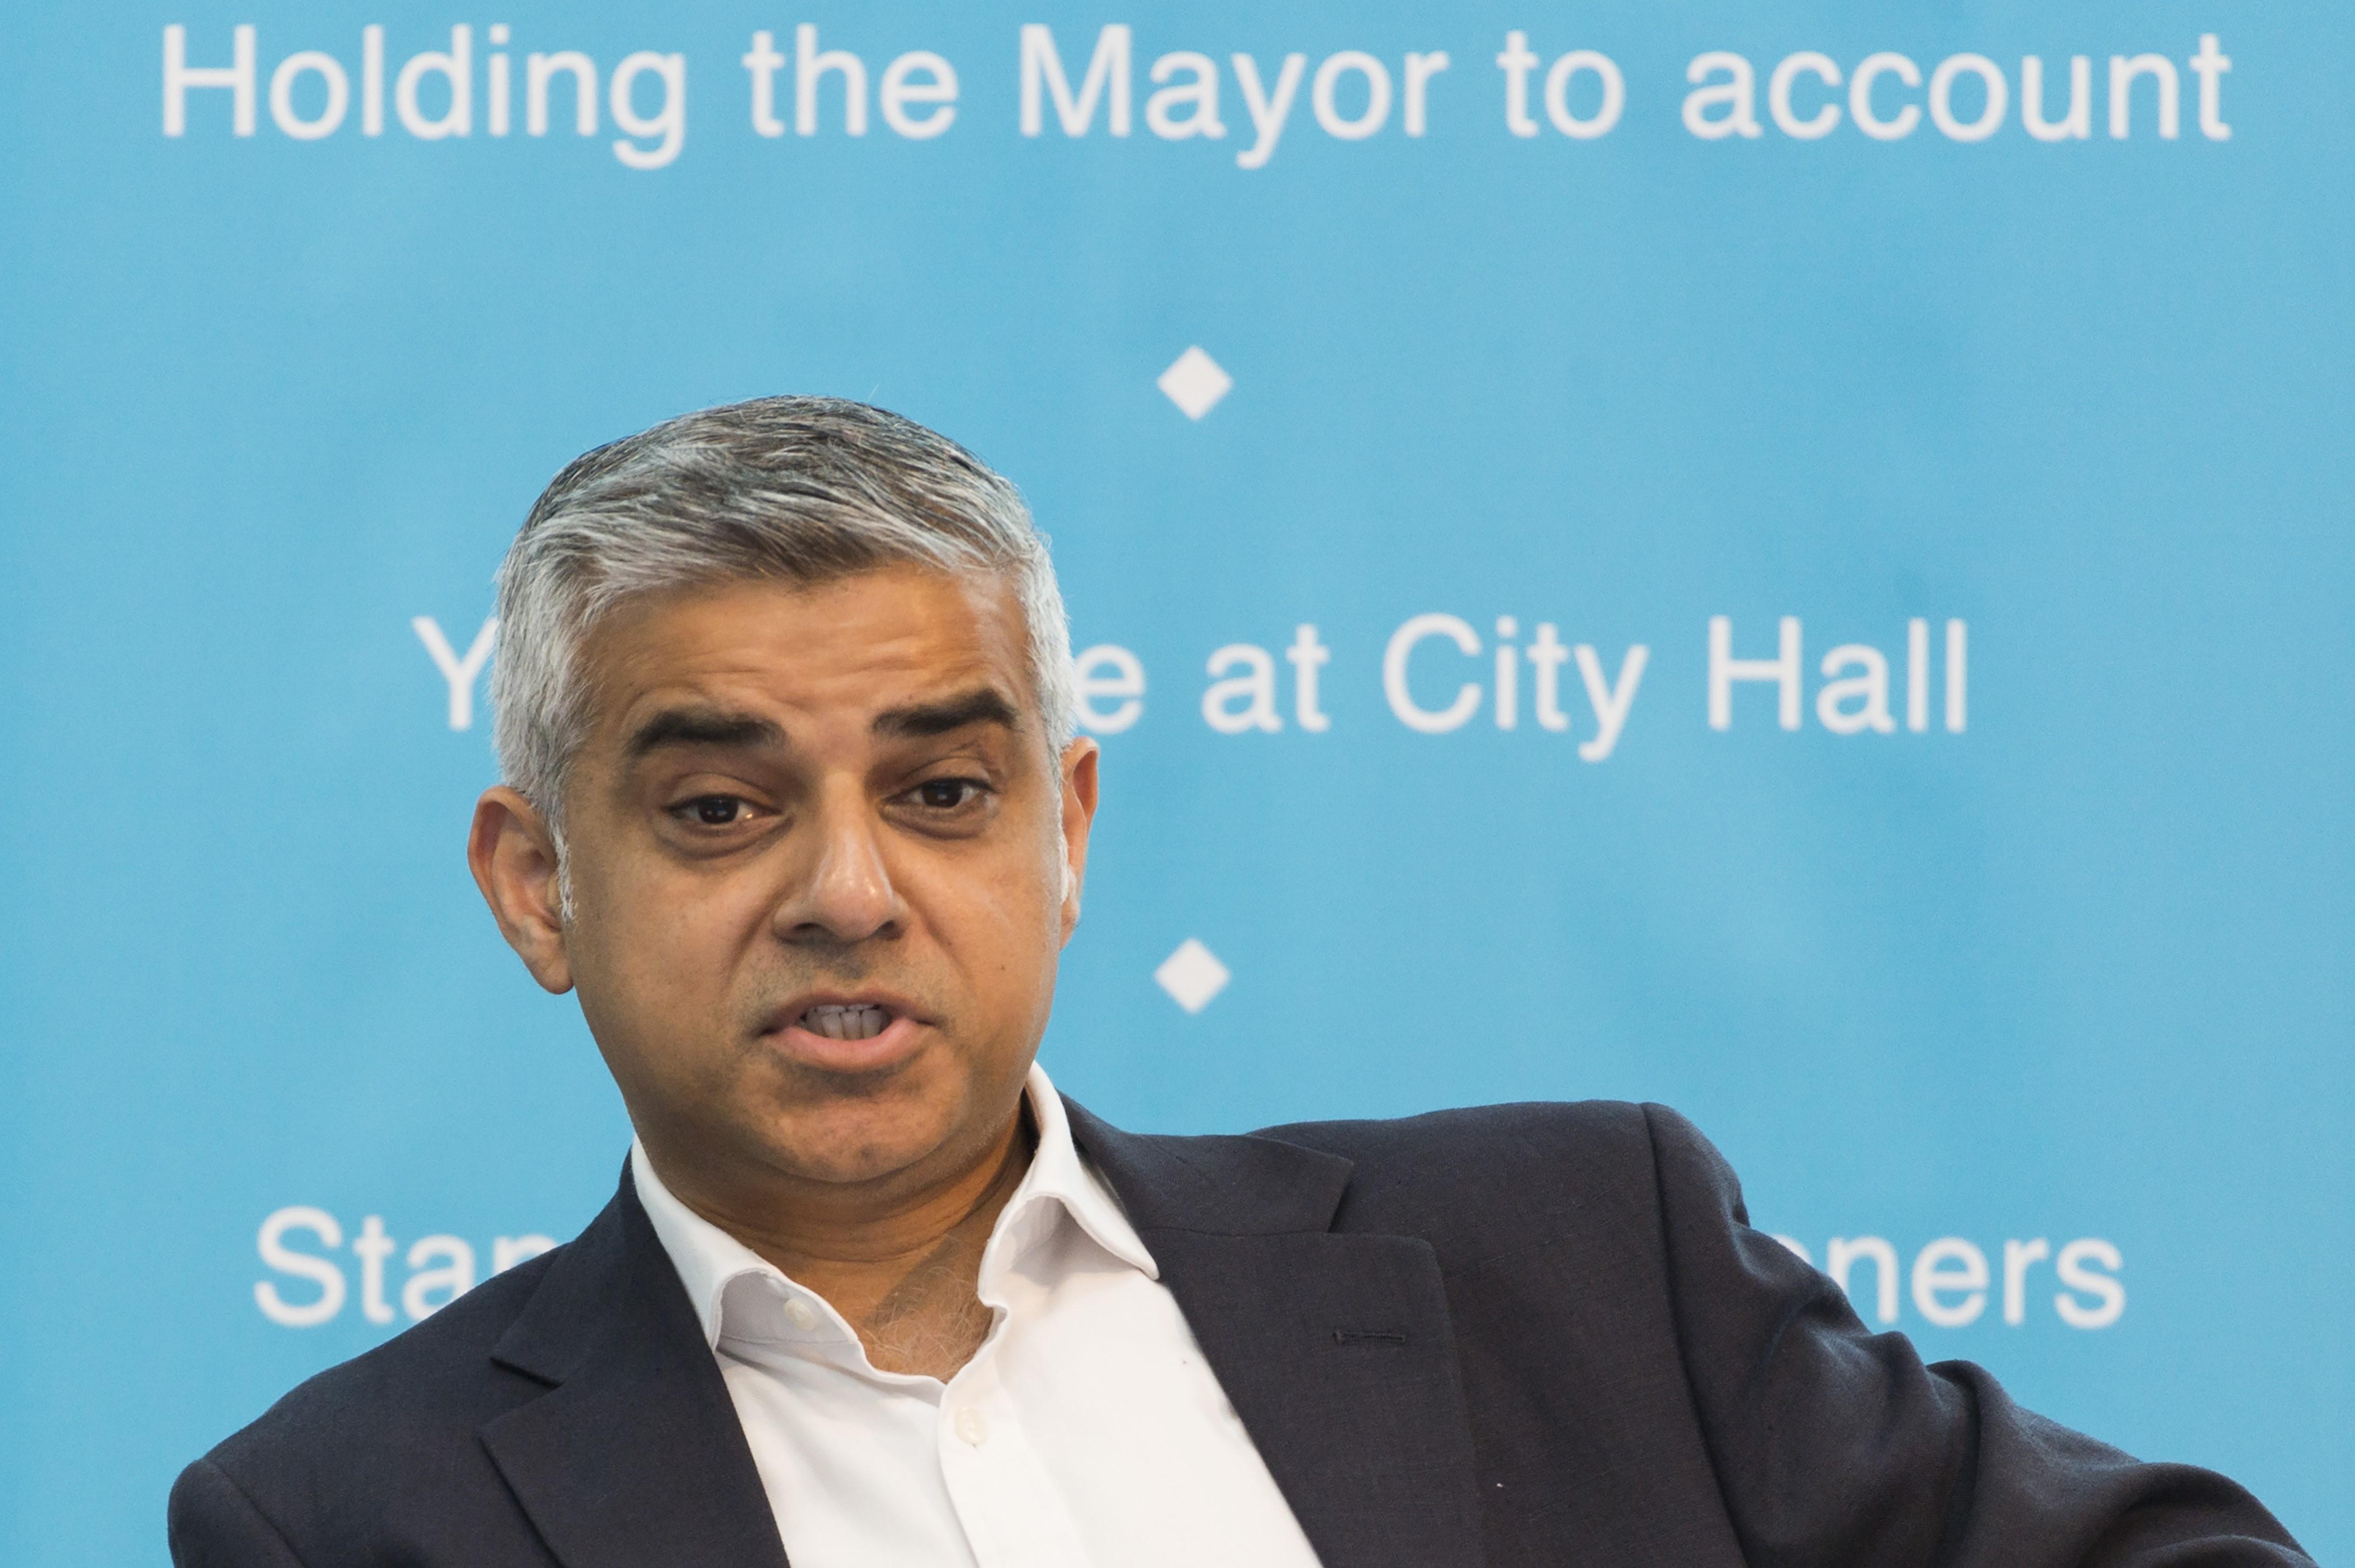 London polgármestere arra kéri a Premier League csapatait, járuljanak hozzá pénzzel a meccseik rendőri biztosításához